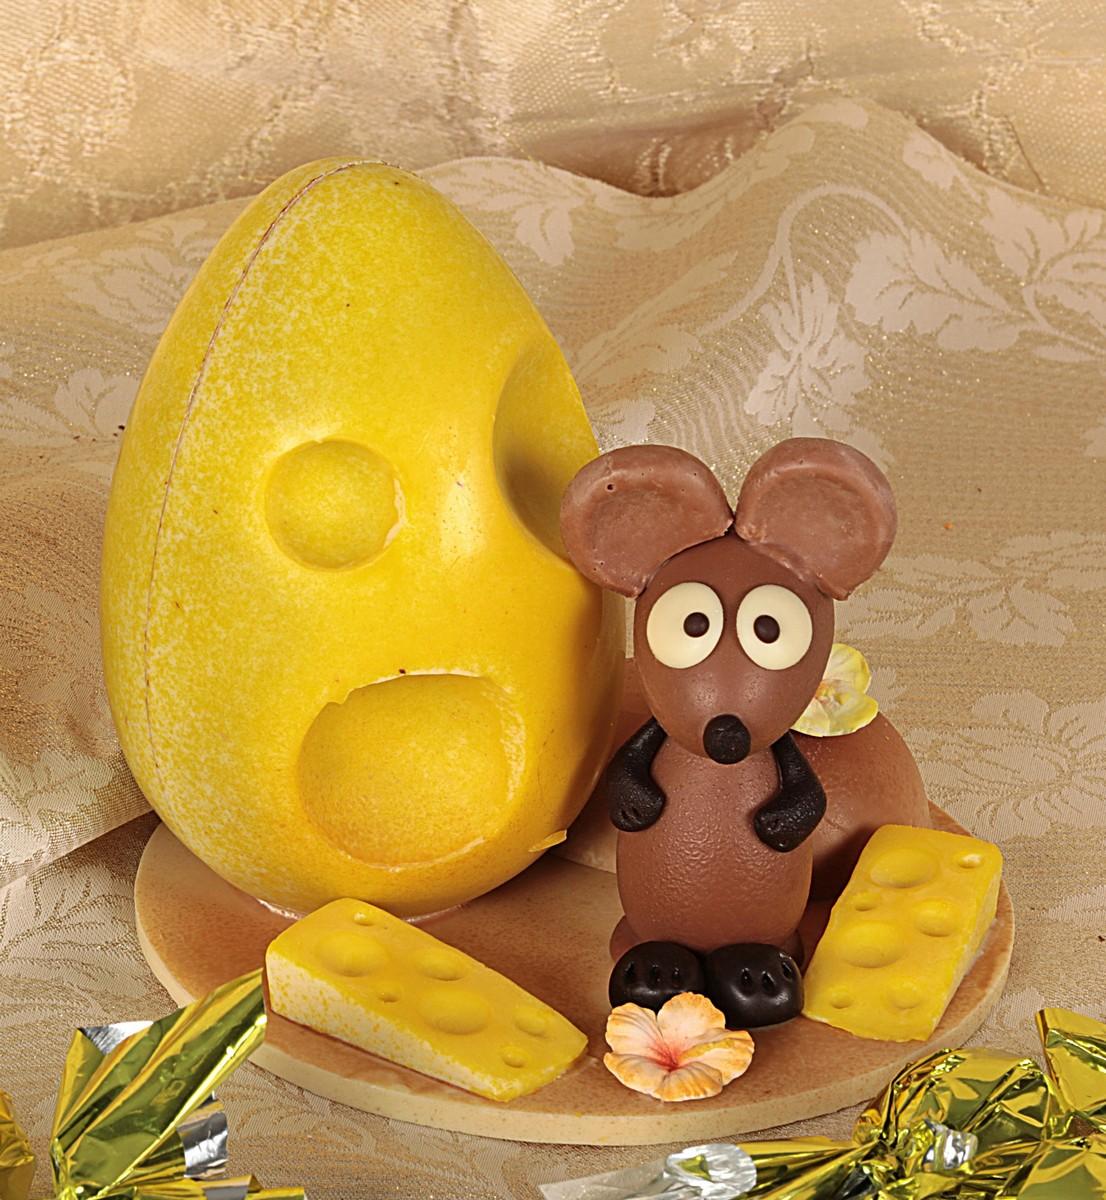 gli-speziali-di-cologna-veneta-uova-cioccolato-pasquali-topino-formaggio.jpg